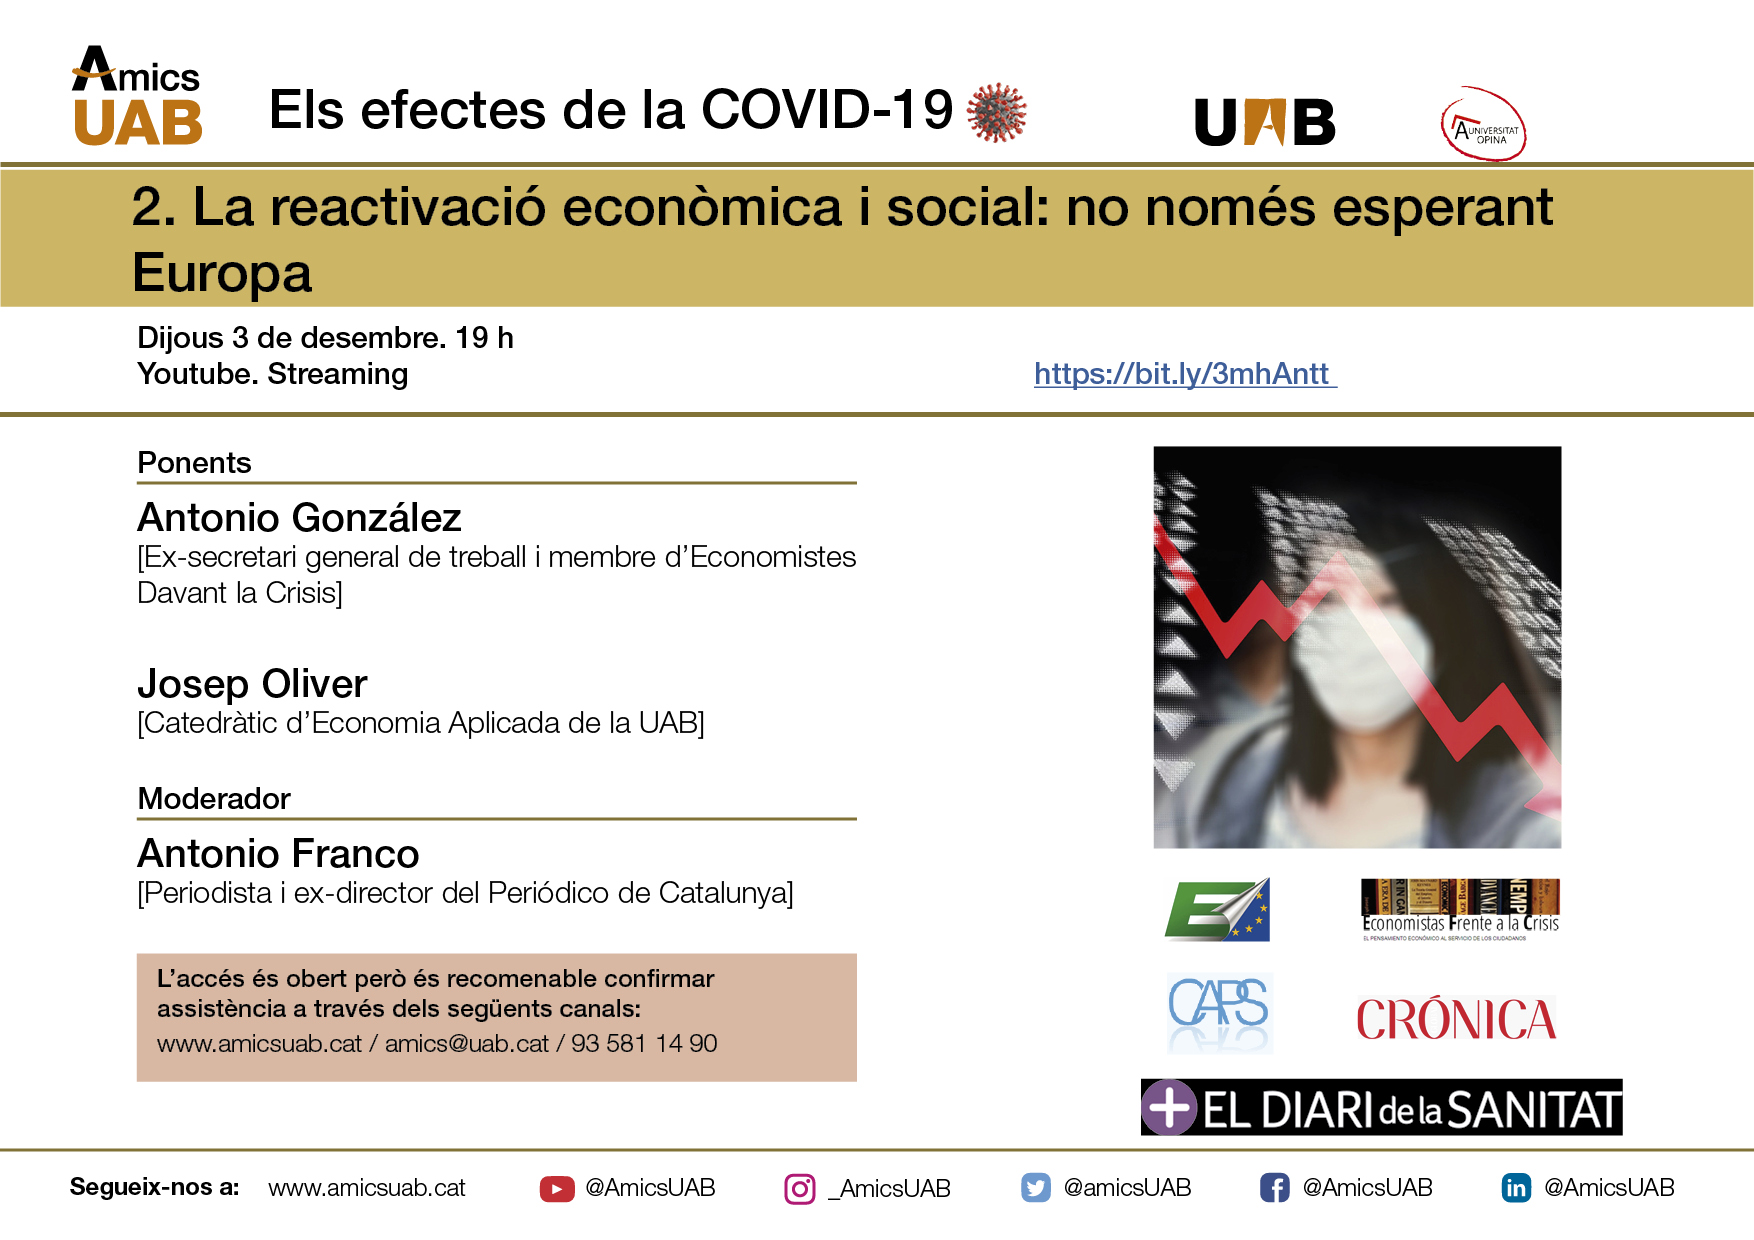 Reactivació econòmica i social